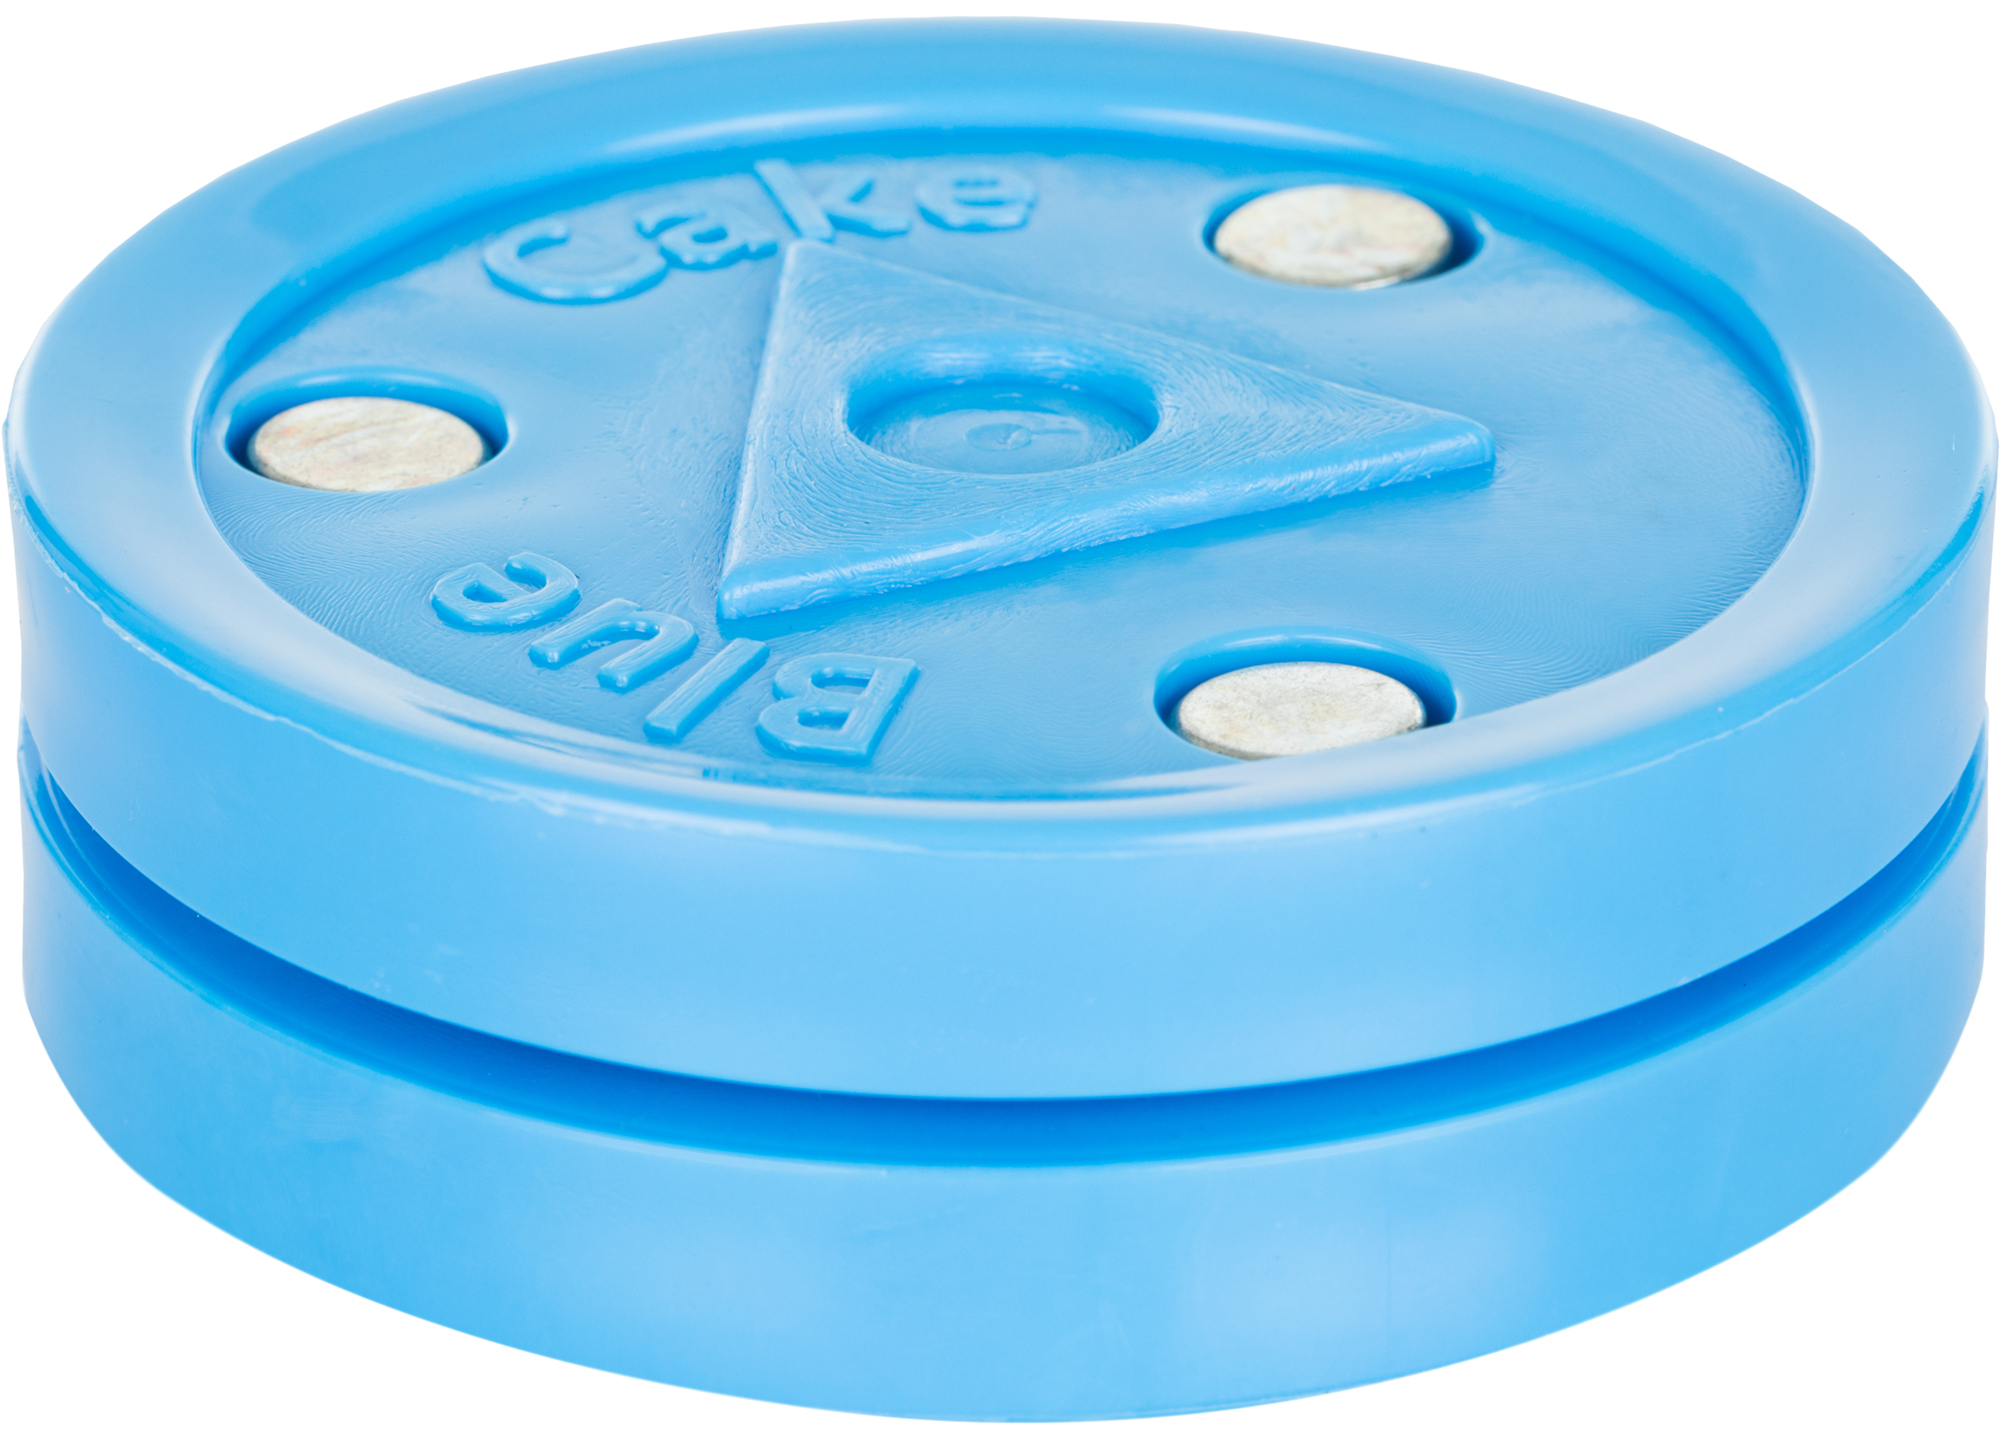 Шайба для тренировки дриблинга Blue Cake